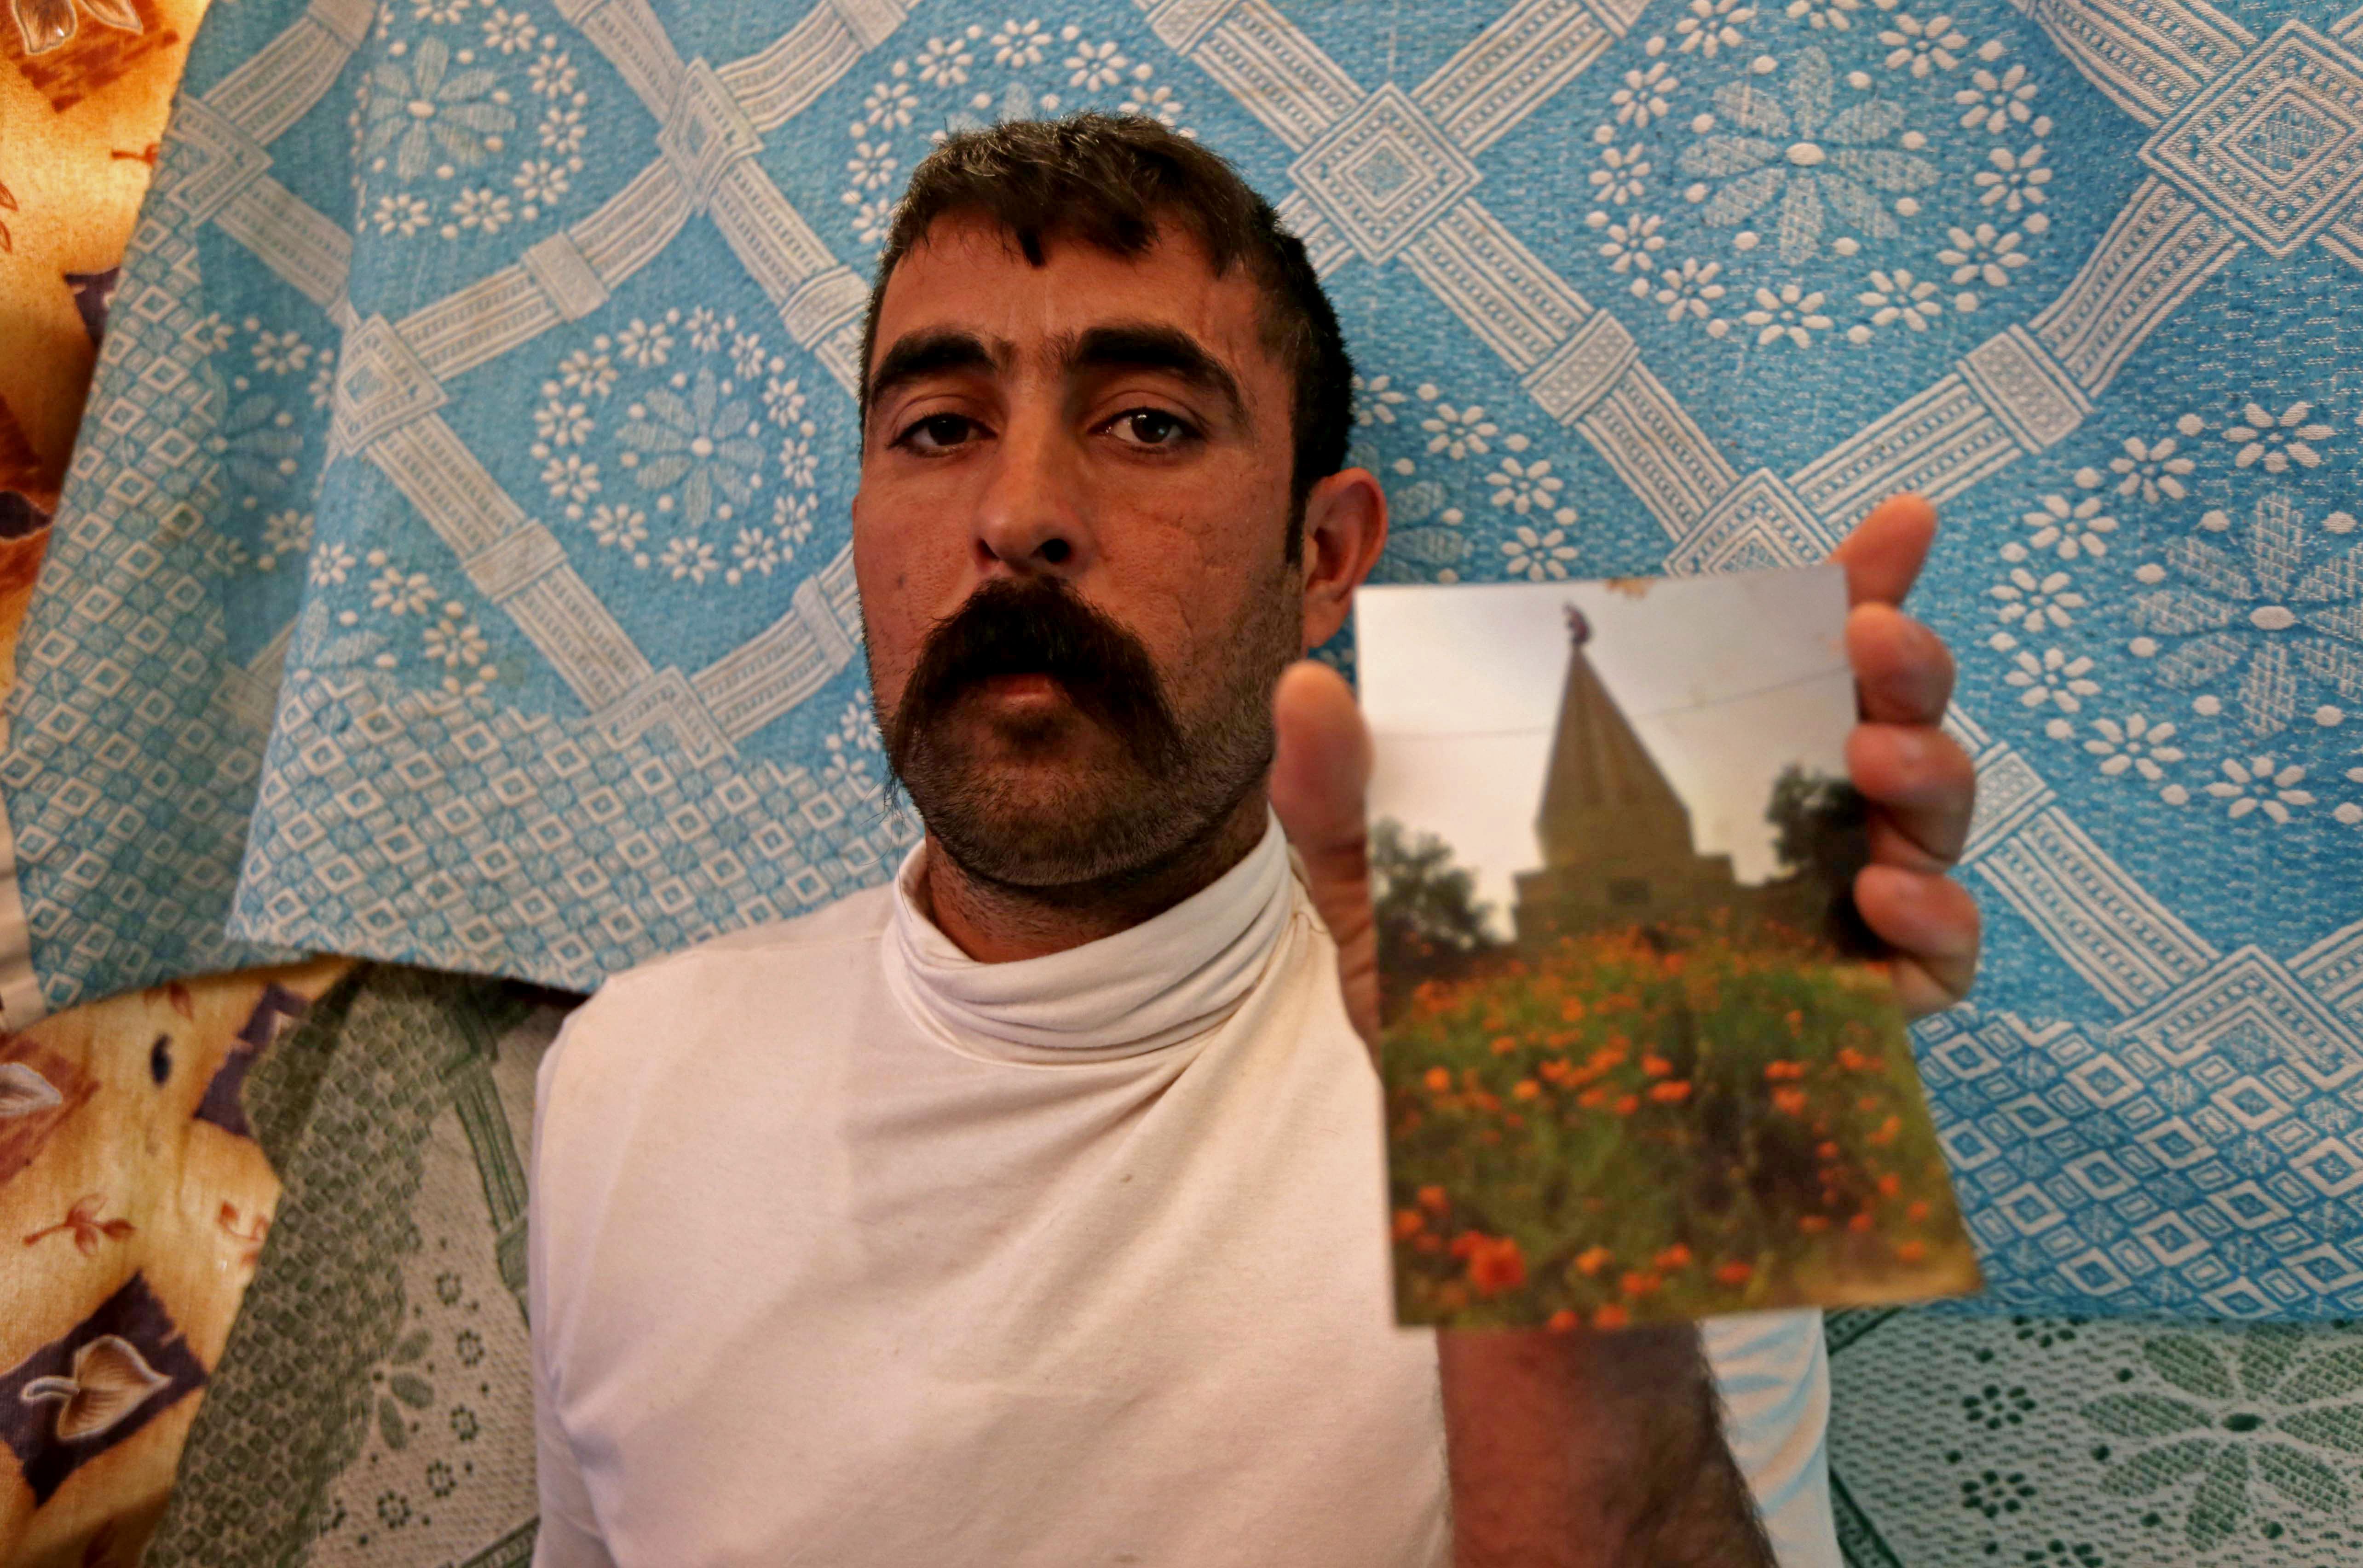 علي محمود نازح أيزيدي وبيده صورة لمعبد لالش